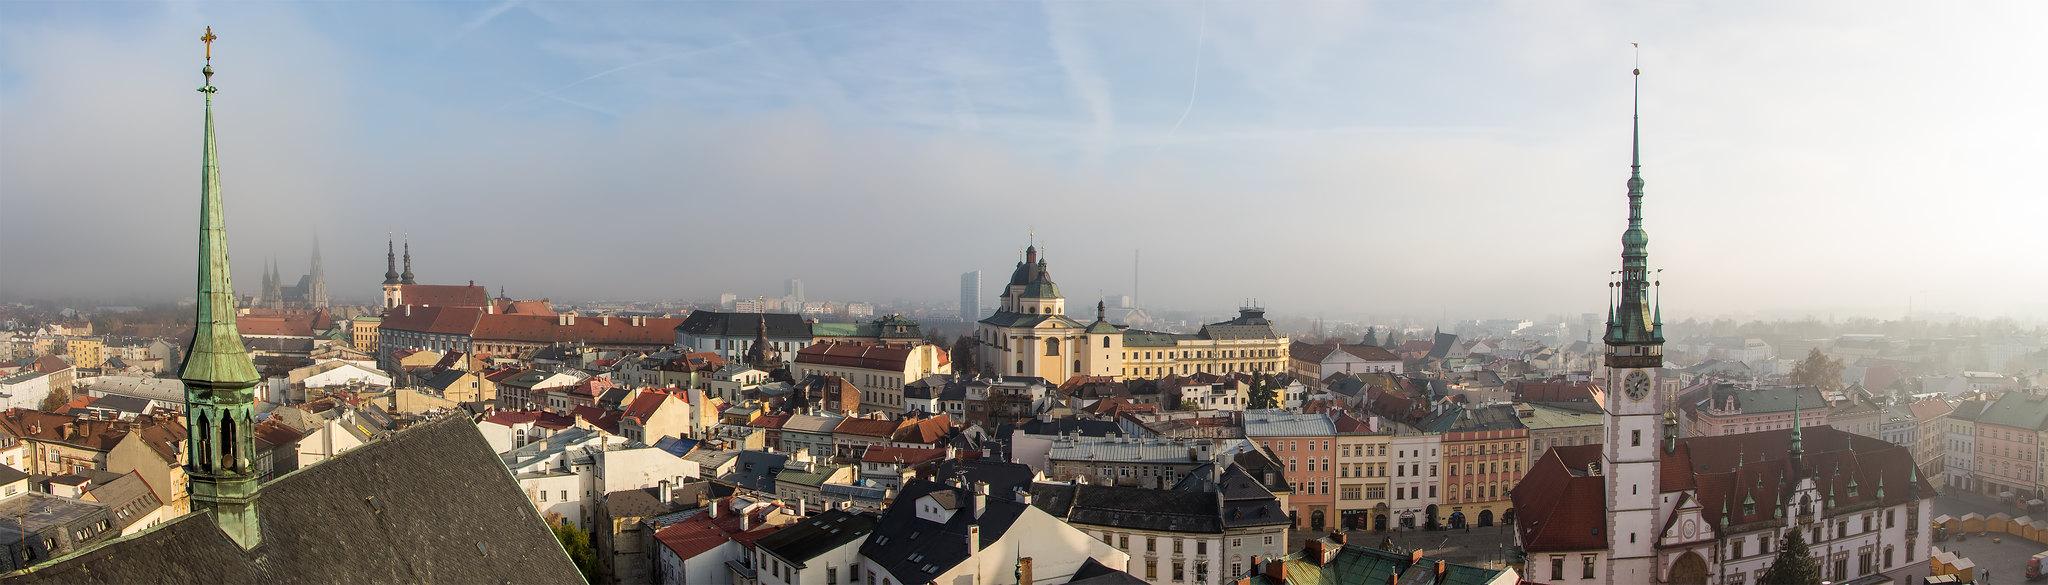 City of Olomouc in November